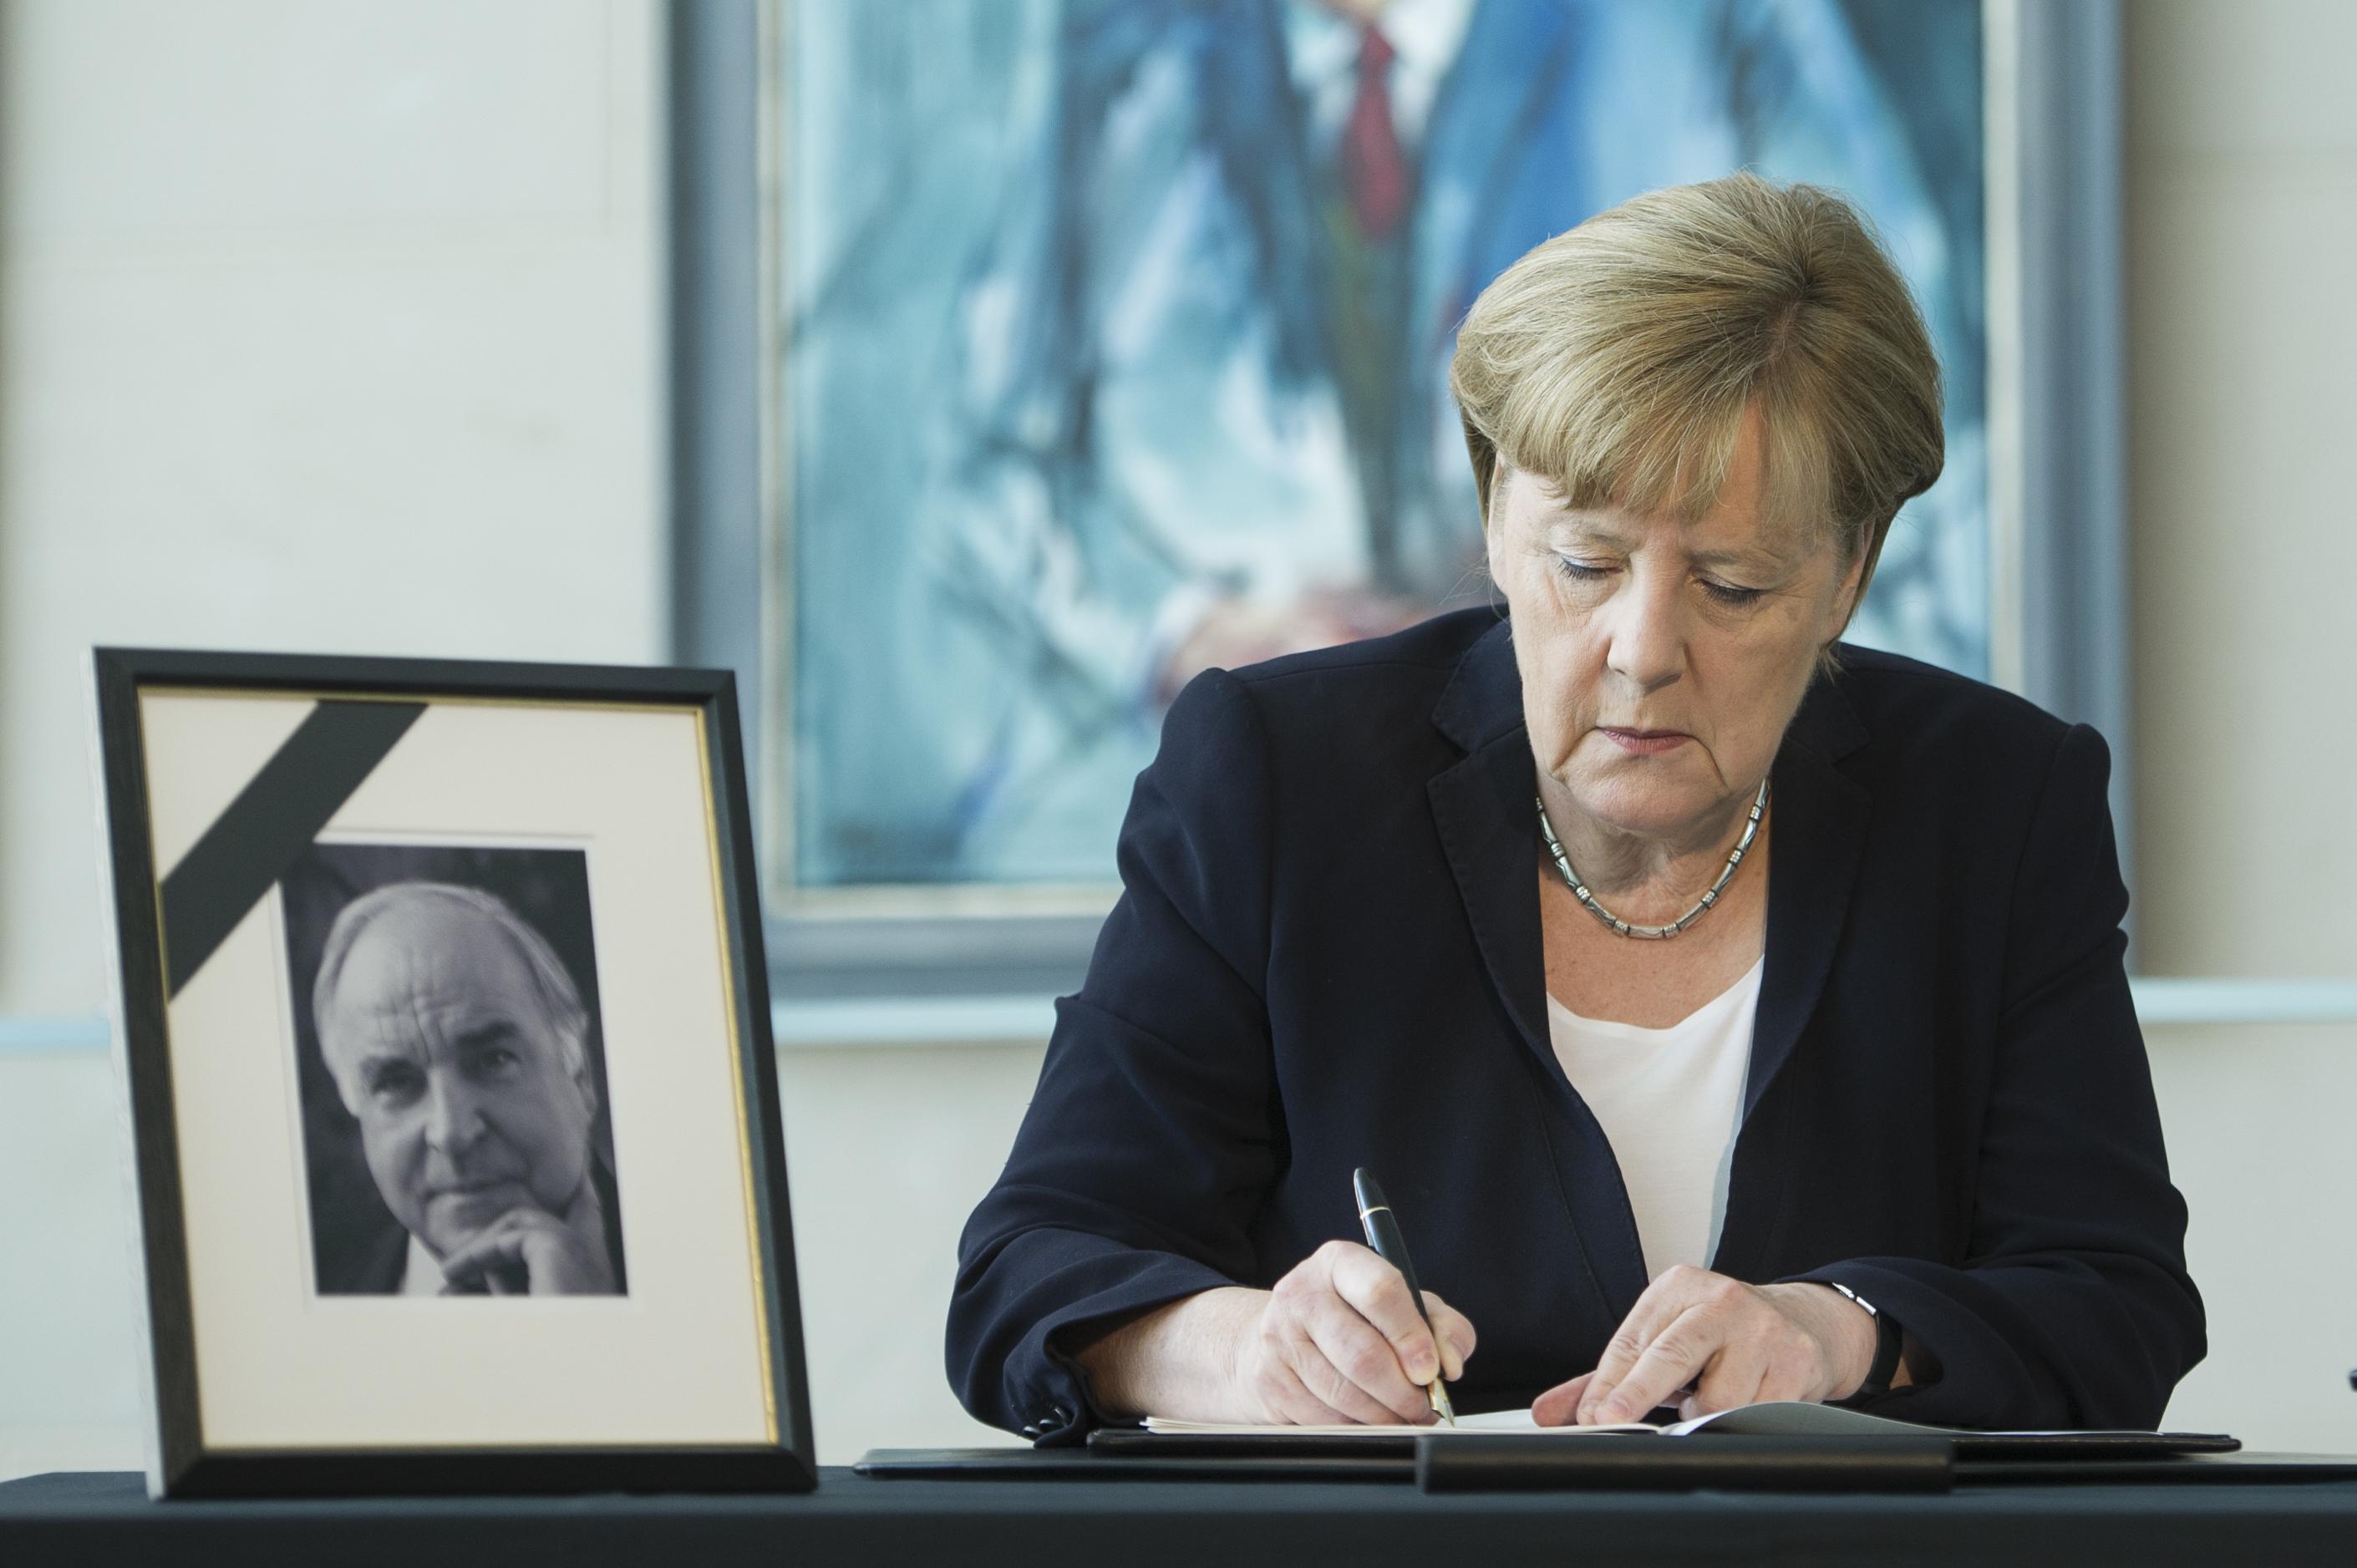 Wirbel um Kohls Trauerfeier: Witwe schlug Orbán als Redner vor – Stattdessen sprechen Merkel und Bill Clinton